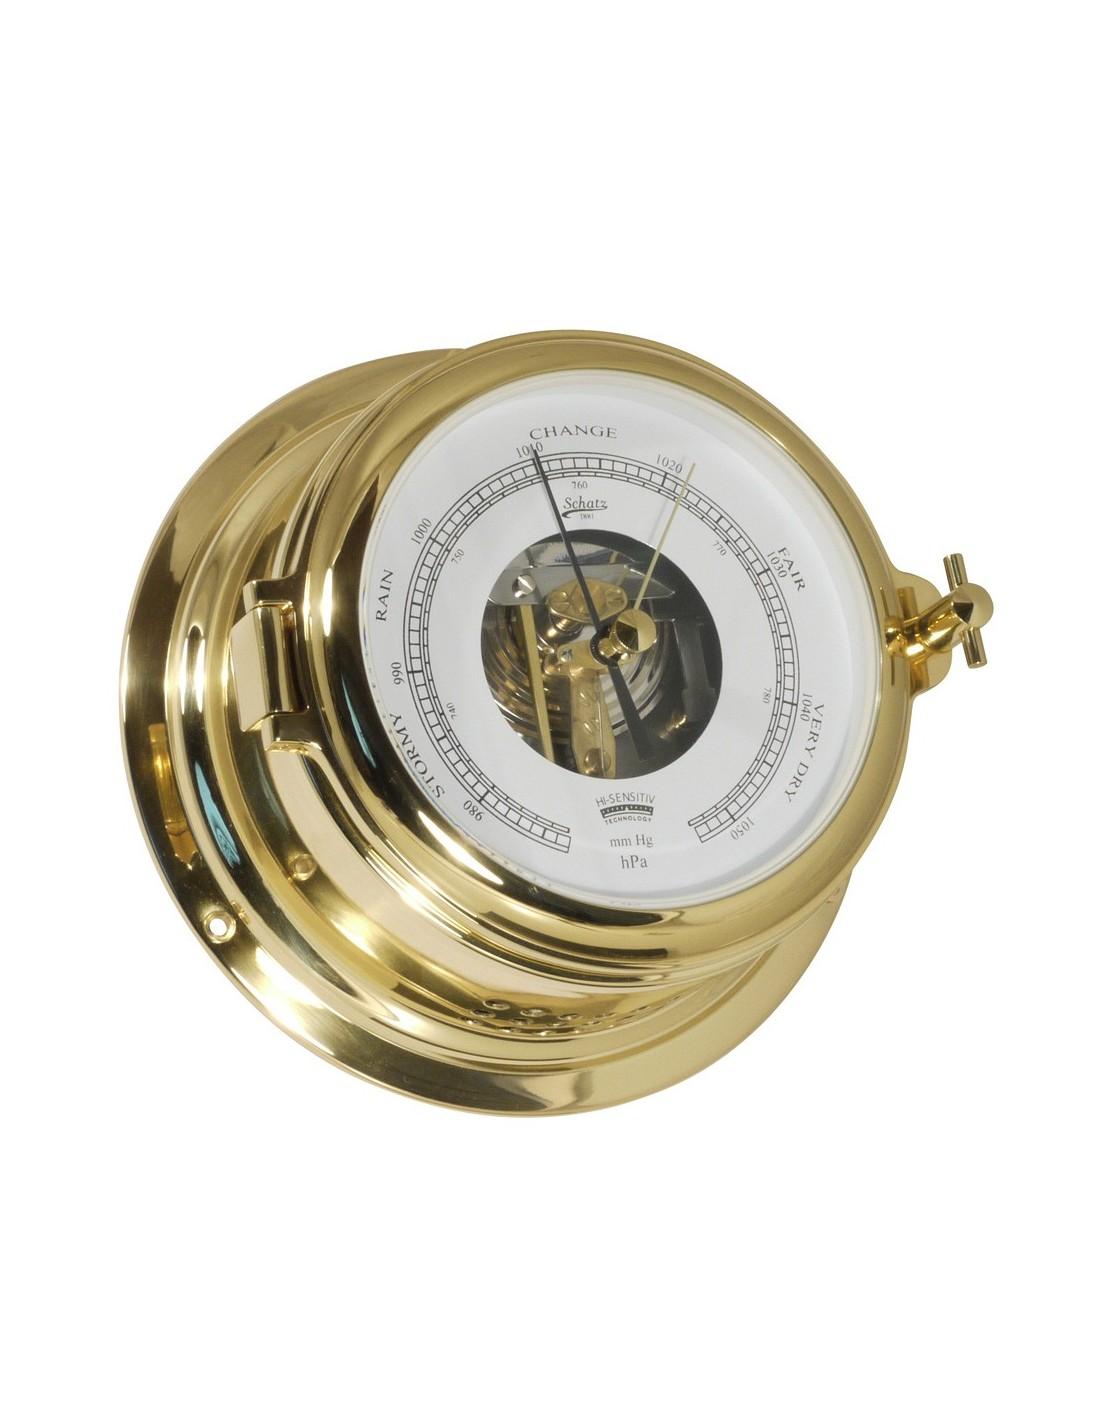 Midi 155 - Barometer - Open Wijzerplaat - Messing - Schatz 1881 - Scheepsinstrumenten - 450 BO